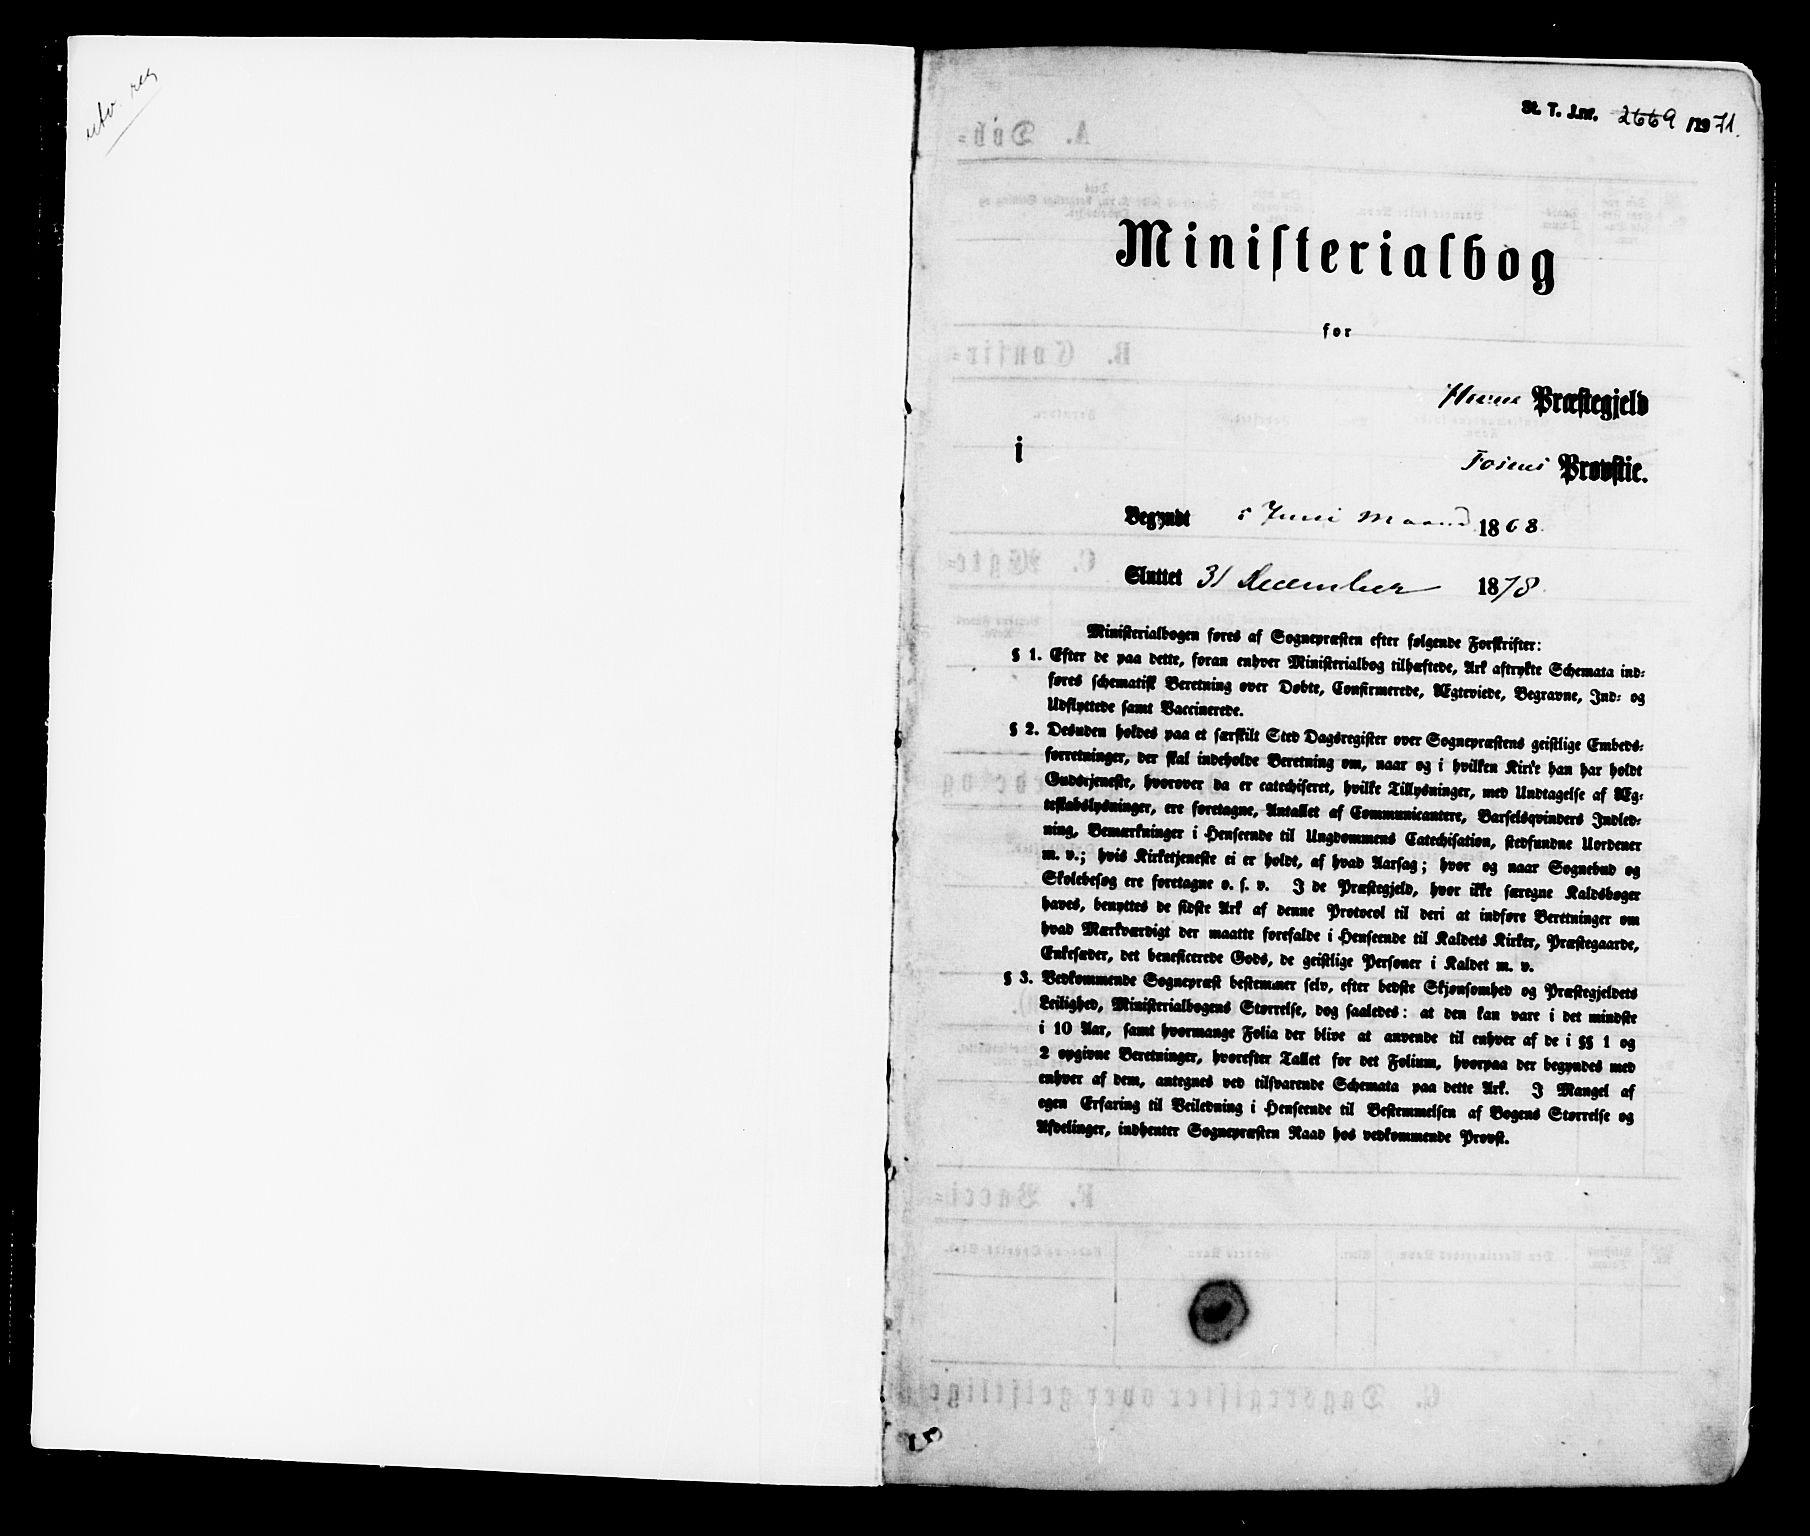 SAT, Ministerialprotokoller, klokkerbøker og fødselsregistre - Sør-Trøndelag, 630/L0495: Ministerialbok nr. 630A08, 1868-1878